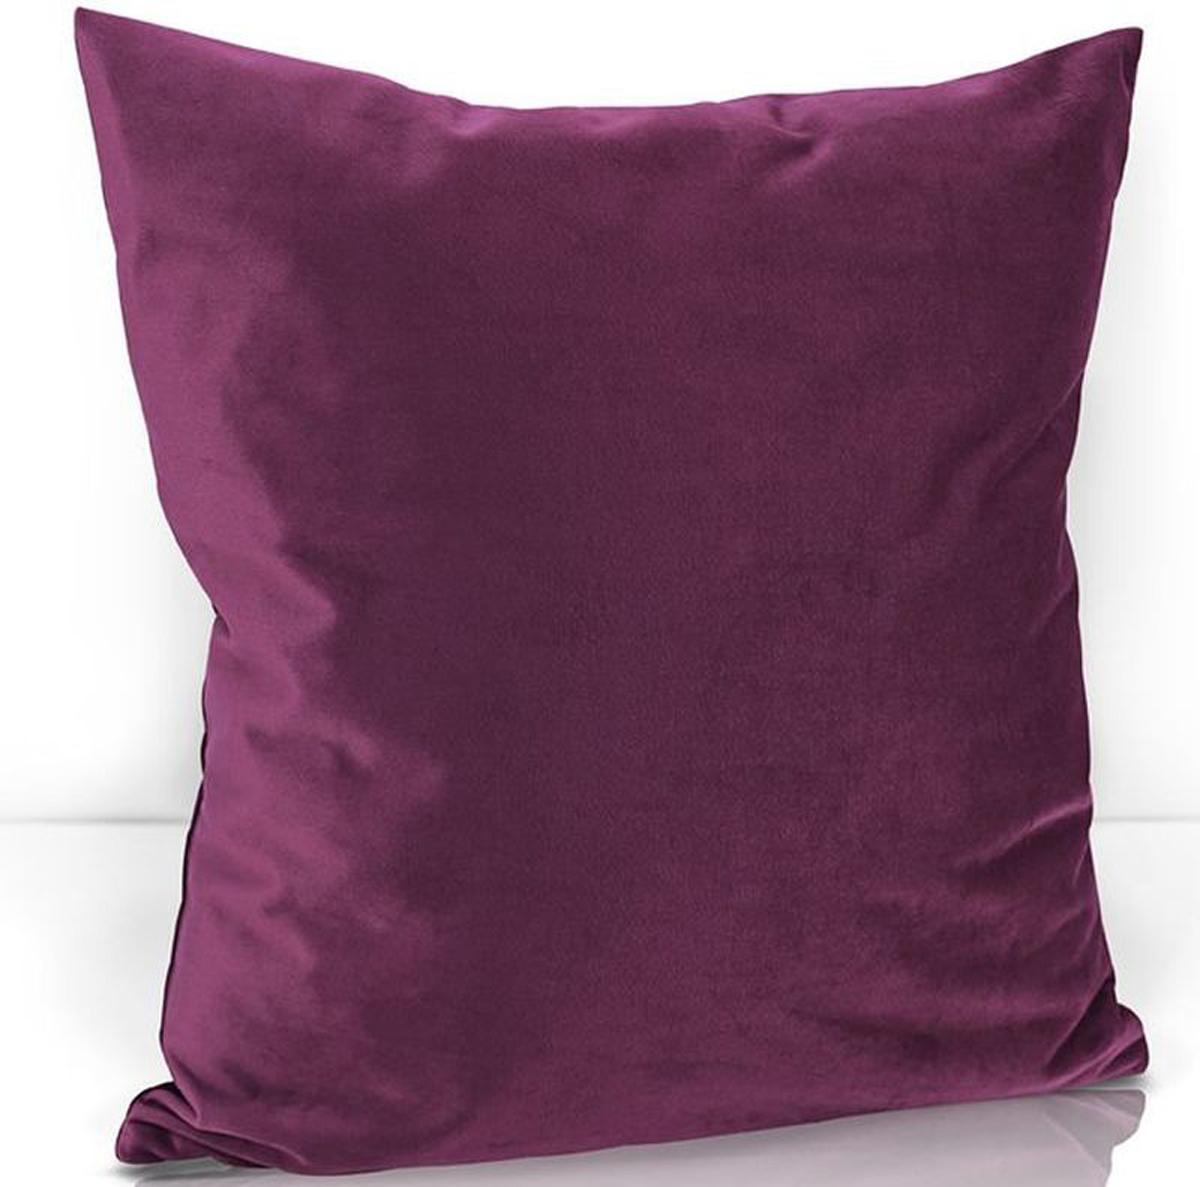 Подушка декоративная KauffOrt Велюр, цвет: бордово-фиолетовый, 40 х 40 см3122202645Декоративная подушка KauffOrt  прекрасно дополнит интерьер спальни или гостиной. Чехолподушки выполнен из велюра (100% полиэстер). Внутри находится мягкий наполнитель.Чехол легко снимаетсяблагодаря потайной молнии.